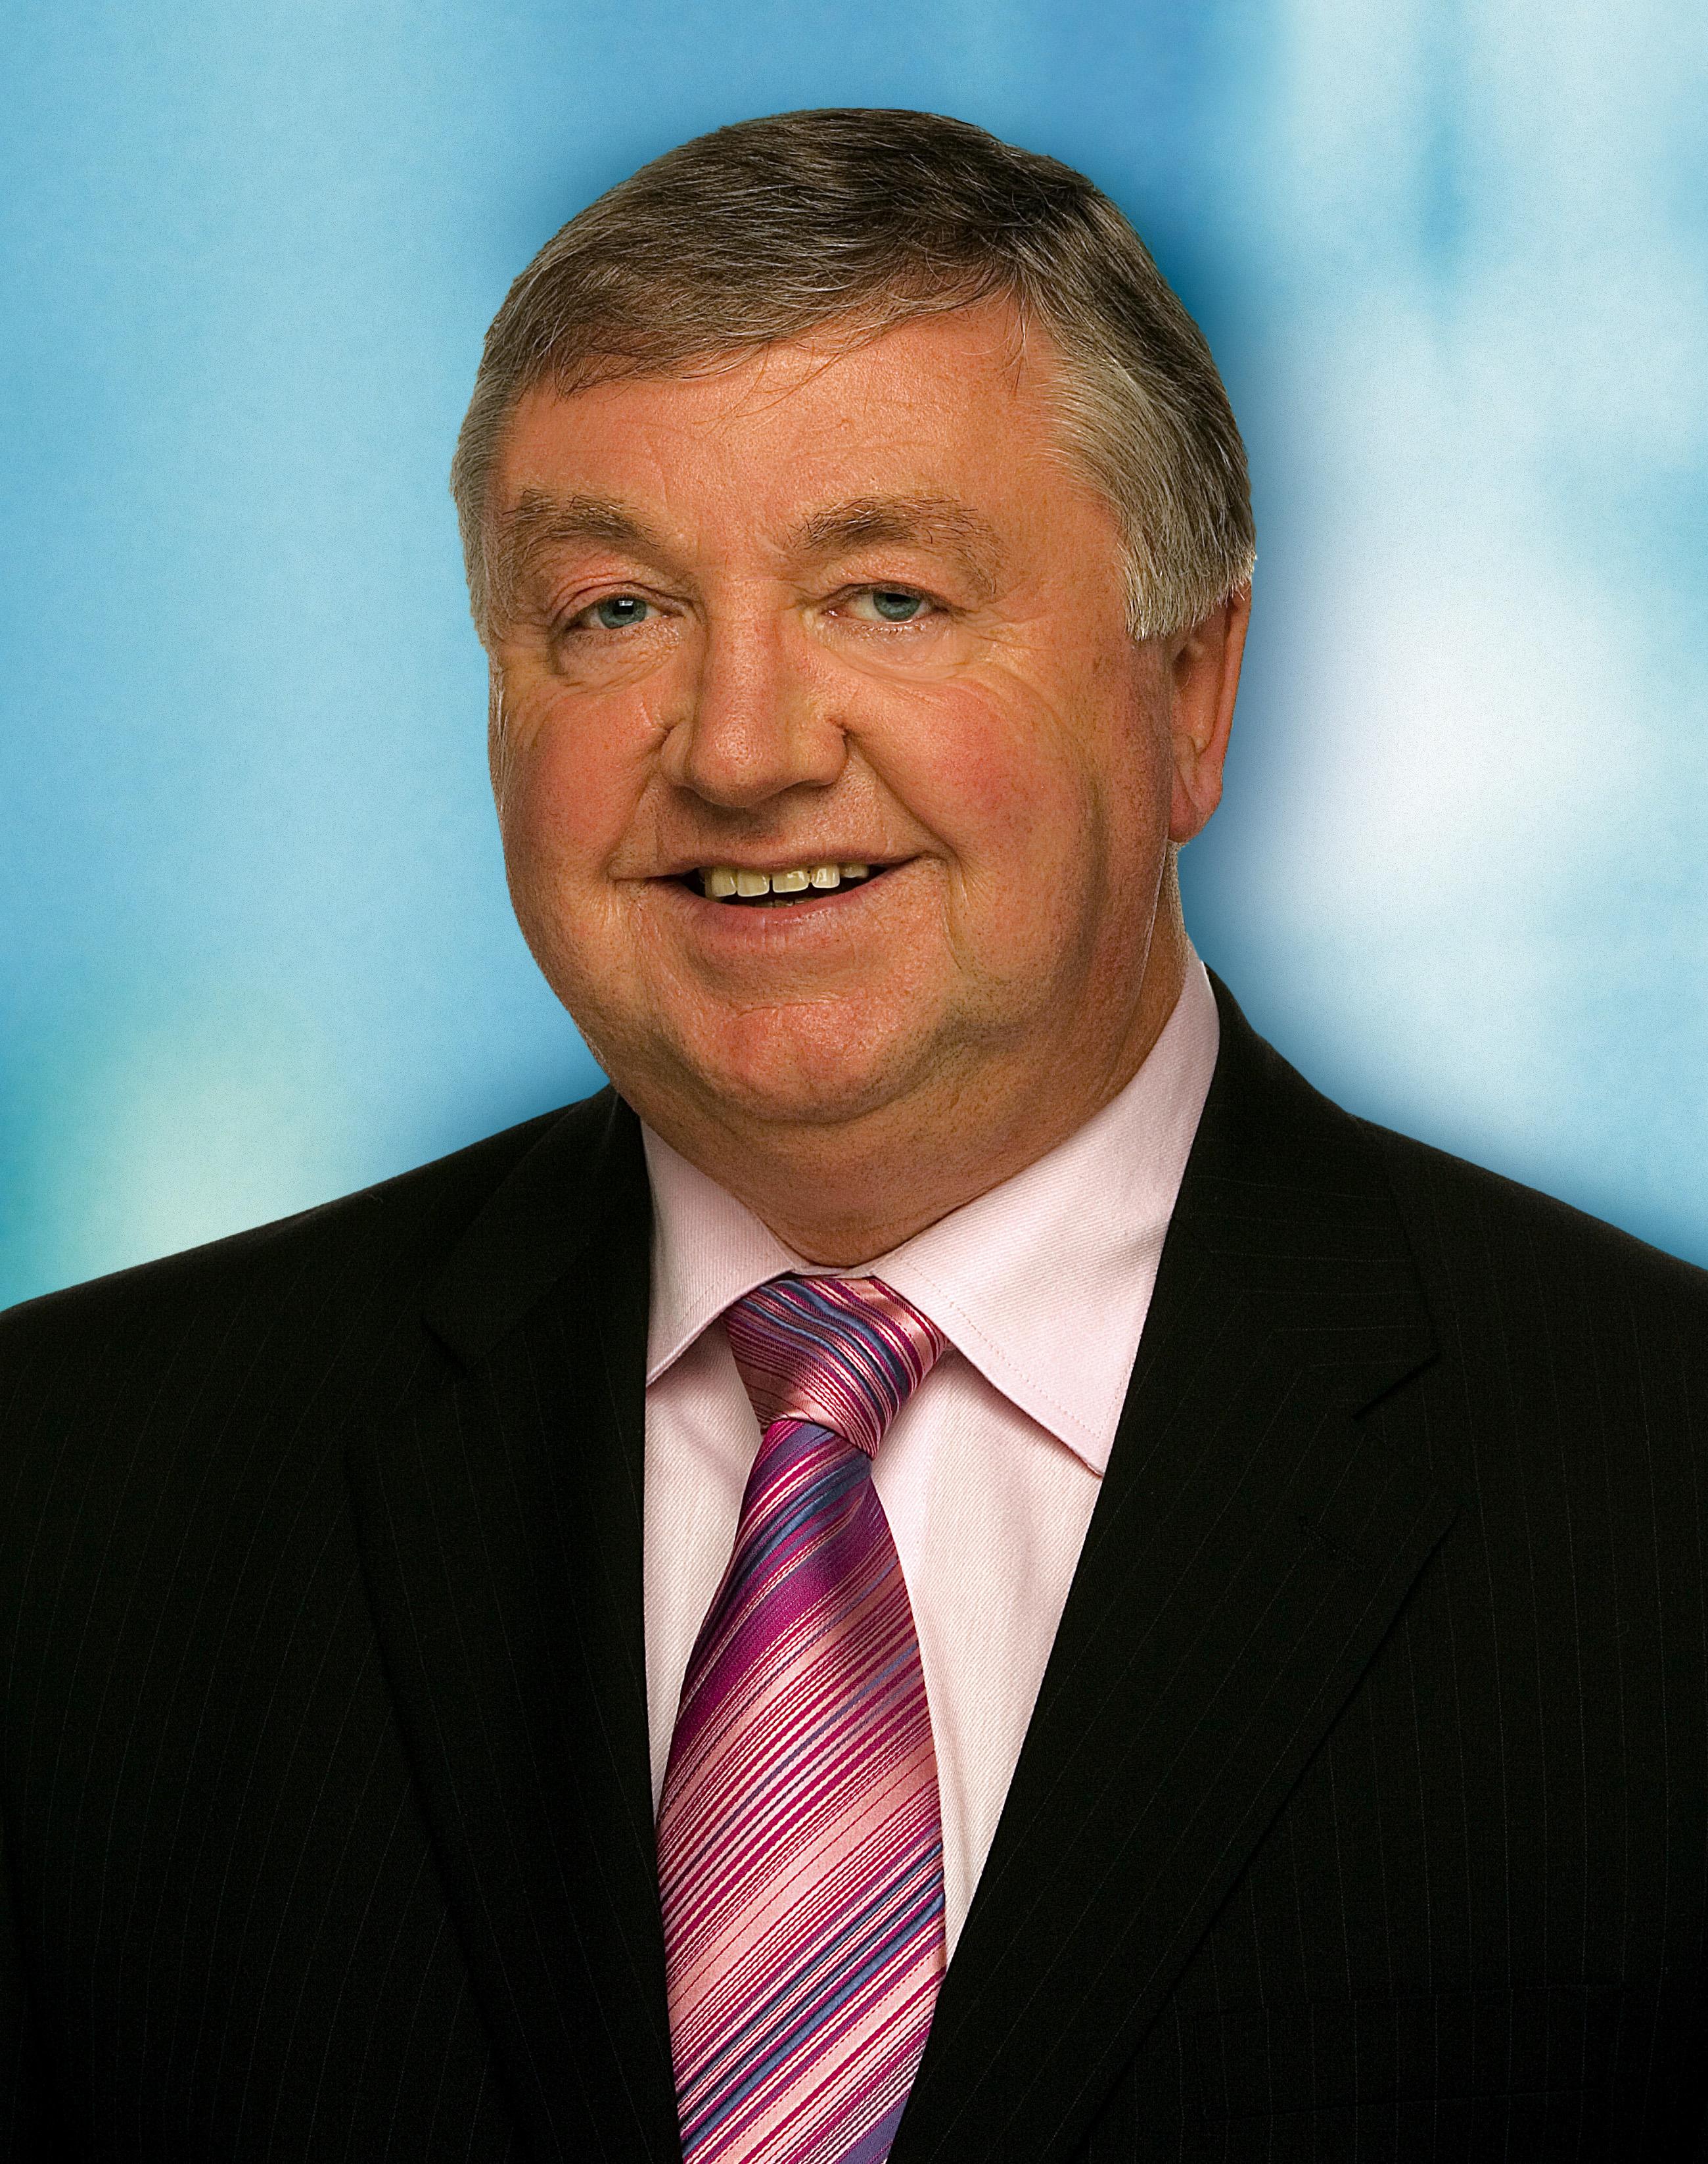 20 years of Fianna Fáil ends in total failure says Bernard Allen